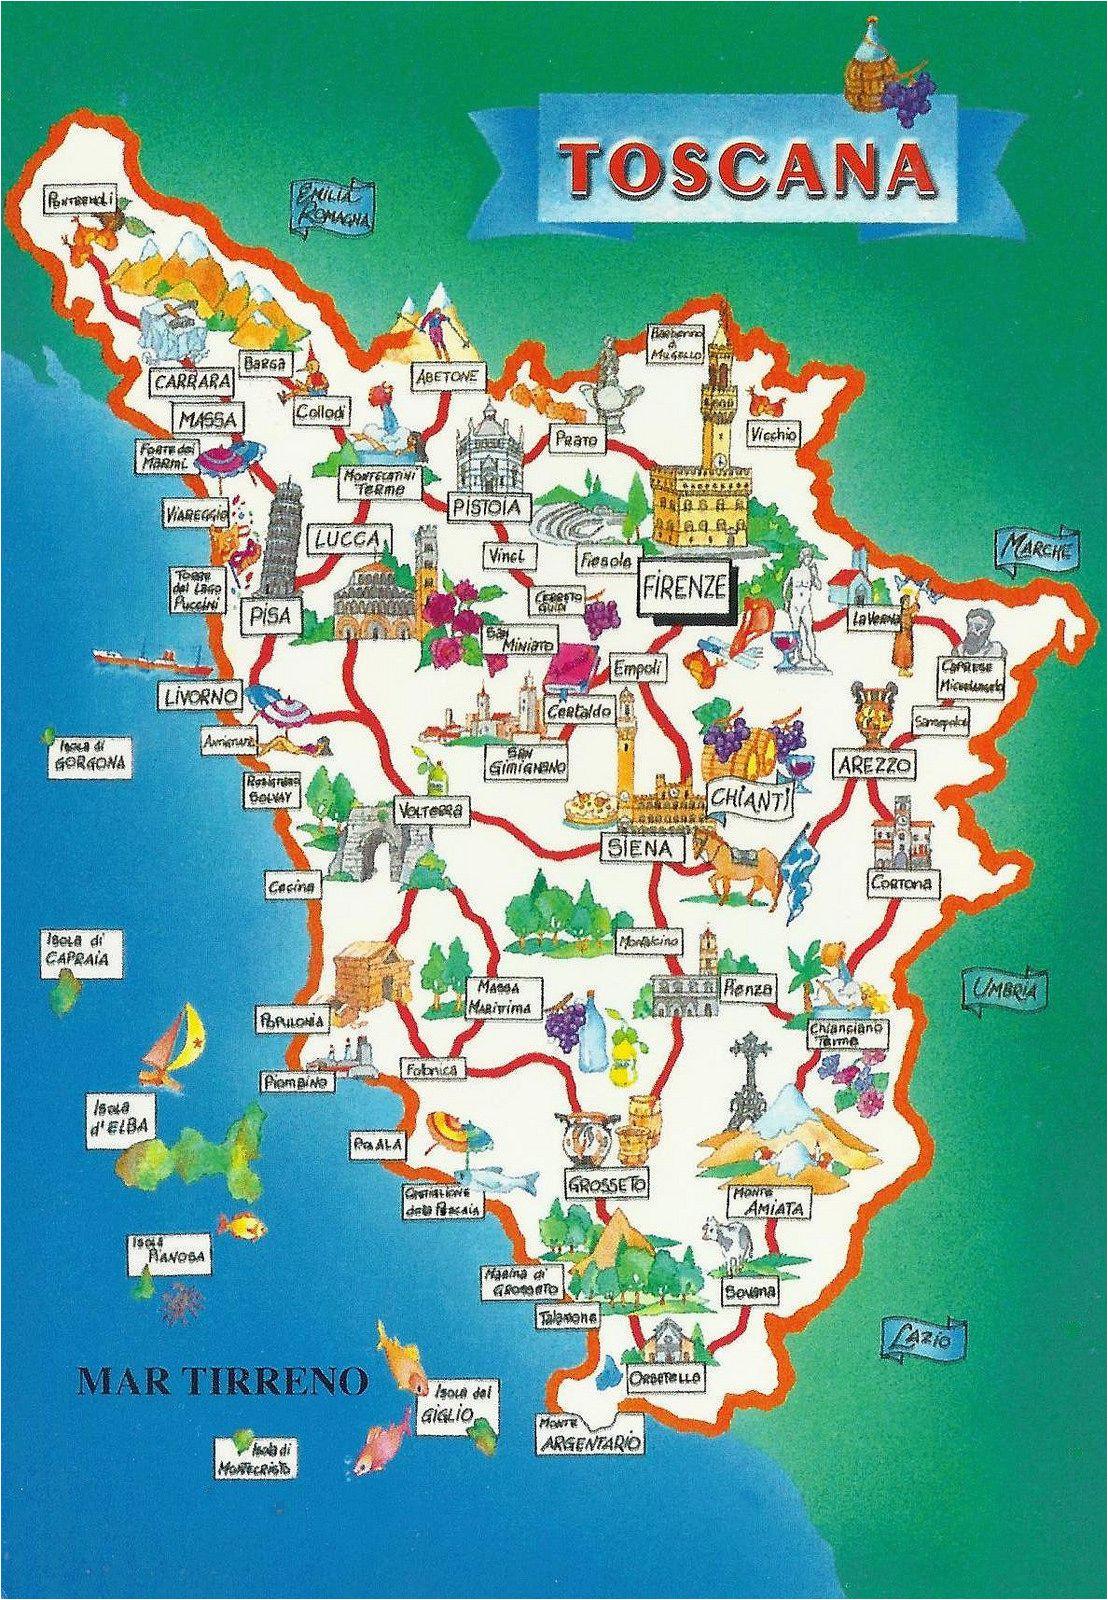 Cortona Italy Map toscana Map Italy Map Of Tuscany Italy ...